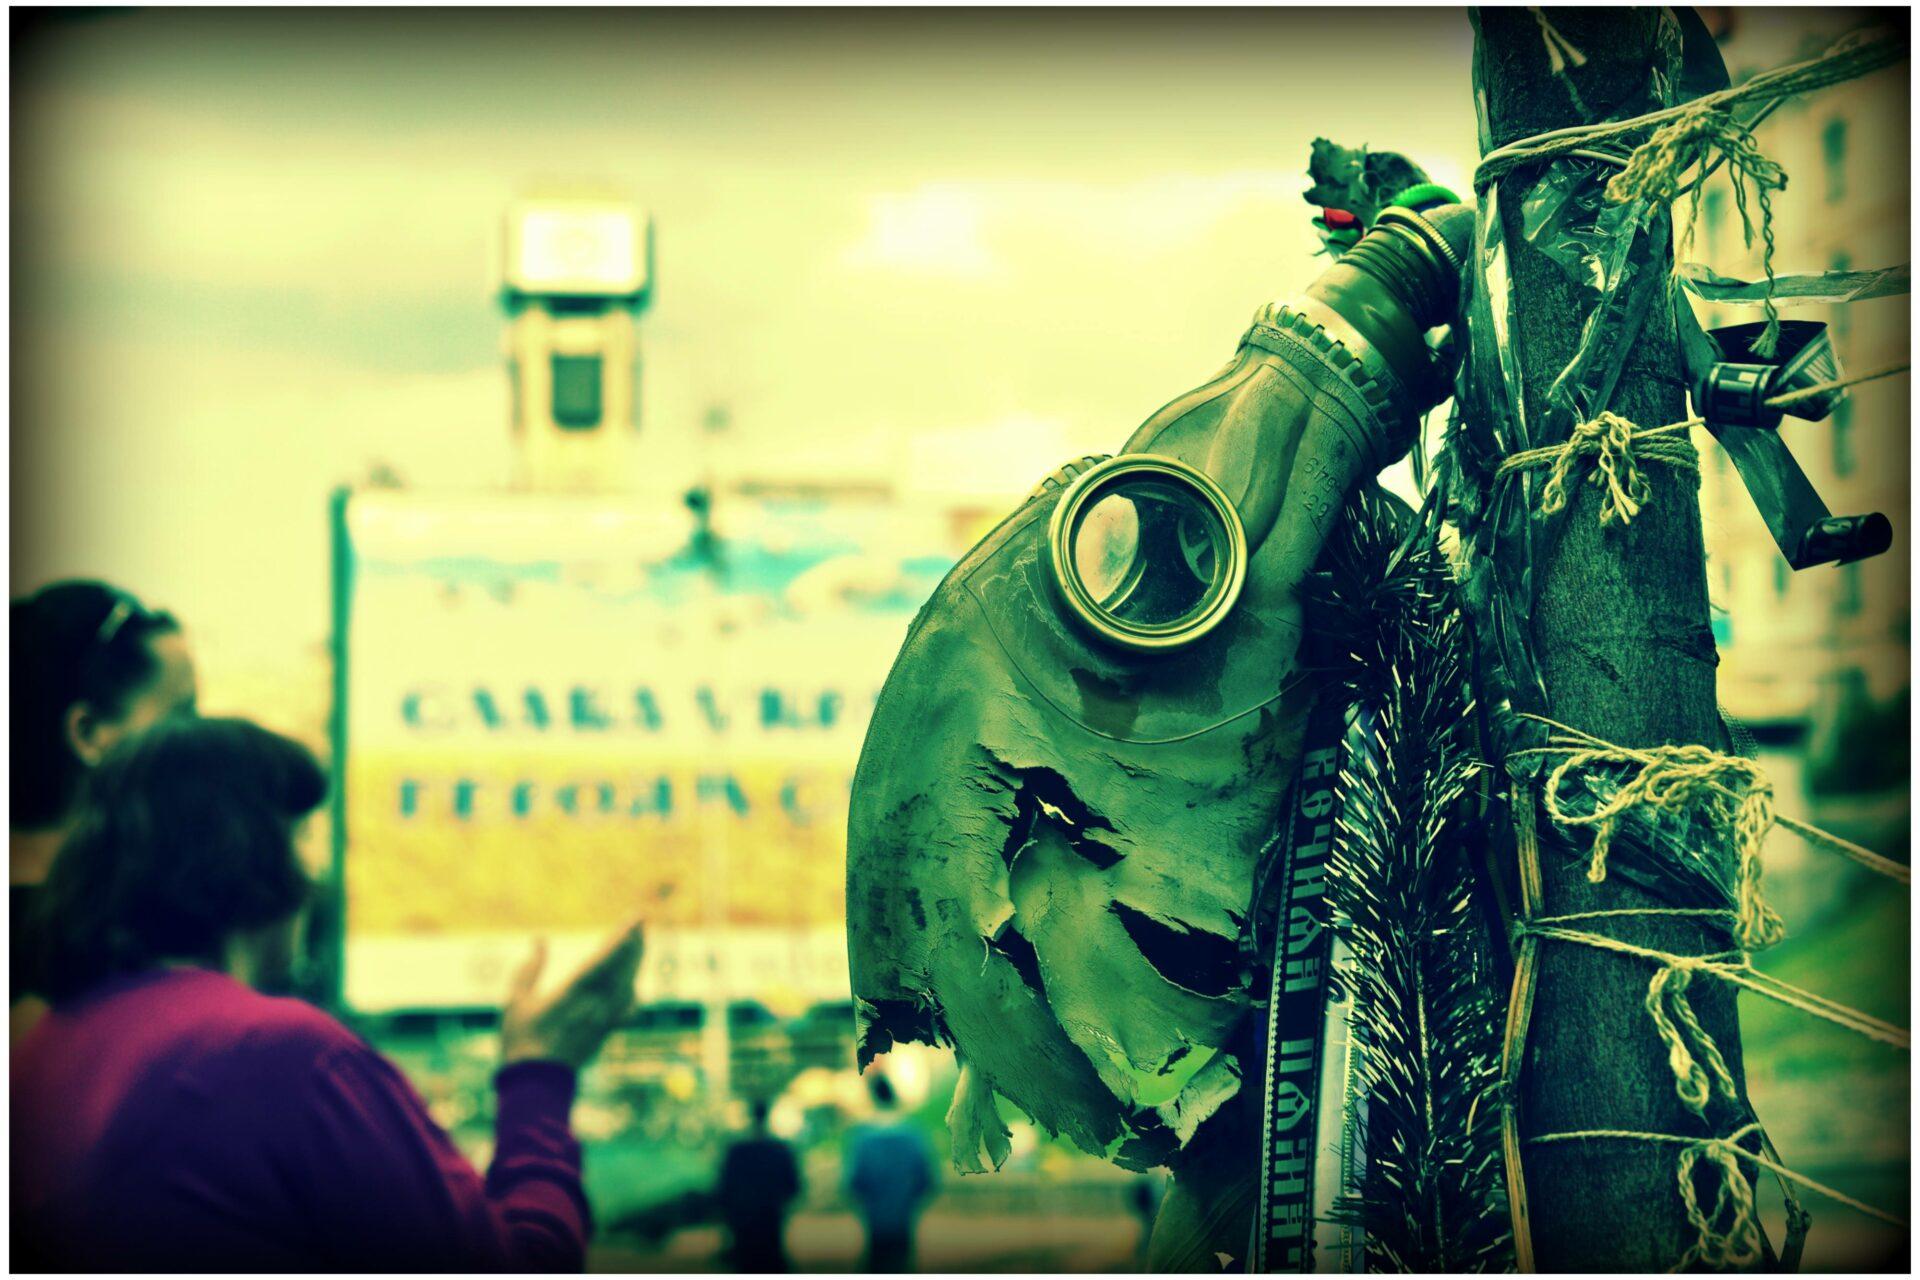 Fot. IvanBandura Źródło: Flickr.com [CCBY2.0]